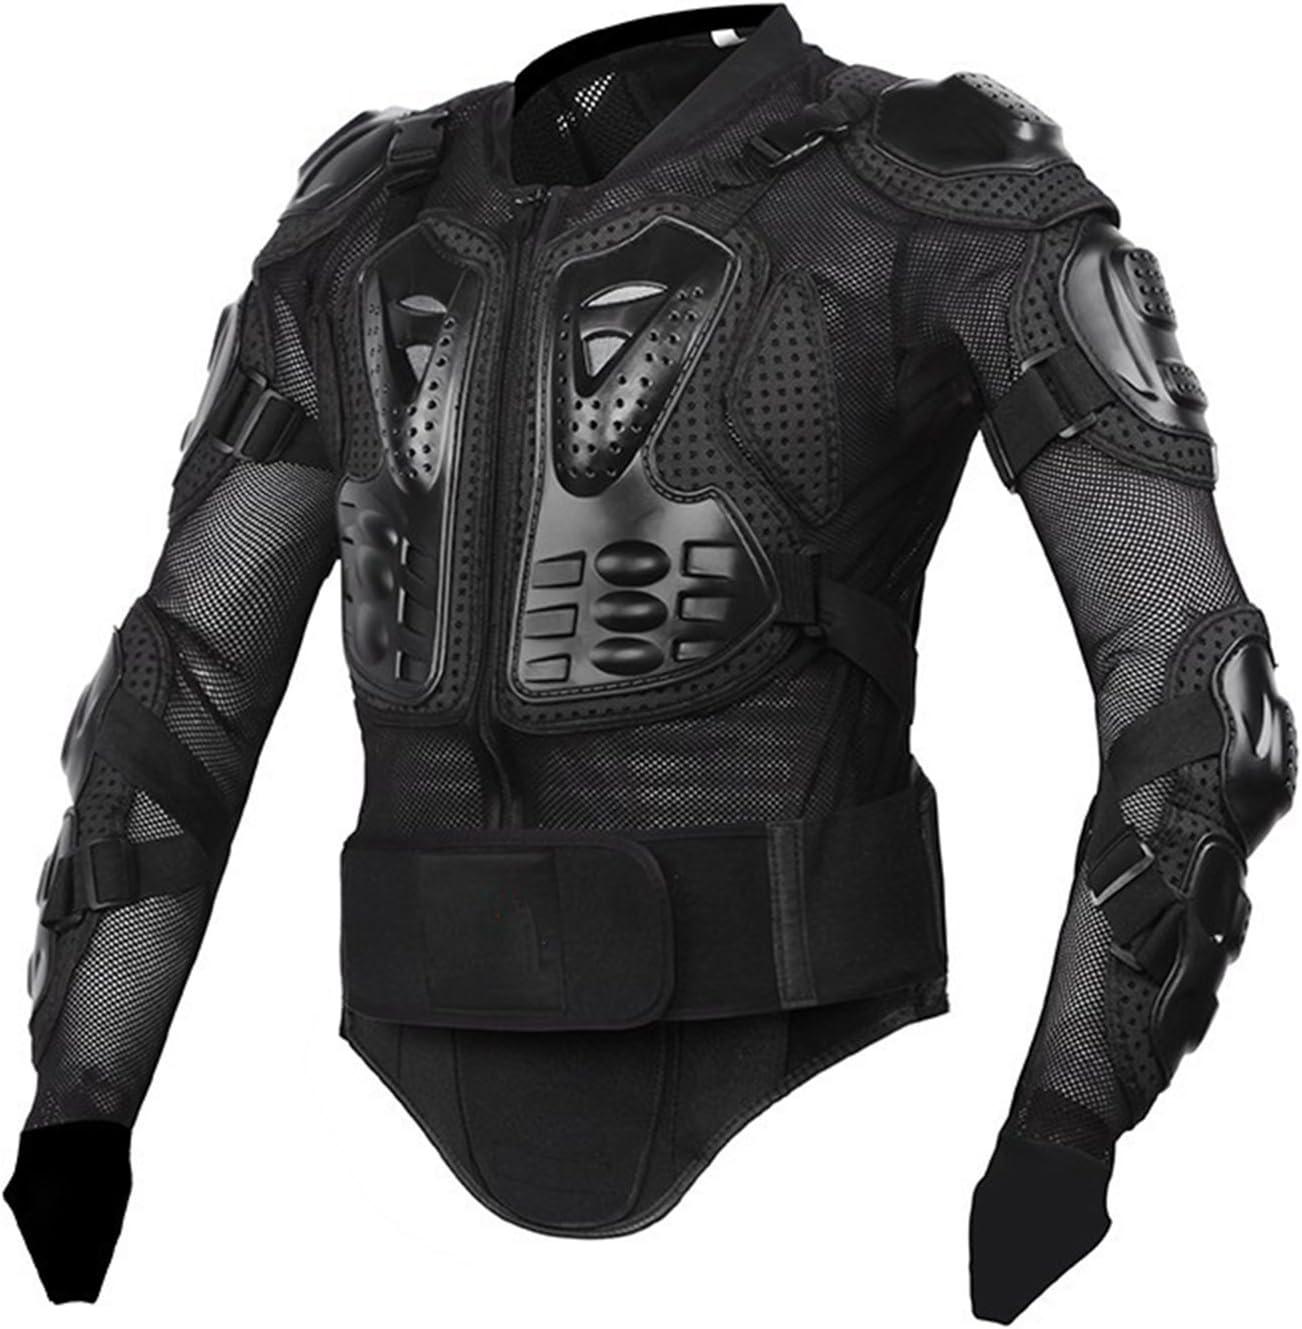 LKOUS Profesional Motocicleta Cuerpo protecci/ón Arashi Racing Full Body Armor Lomo Pecho/ /Chaqueta Protectora Gear M-XXXL